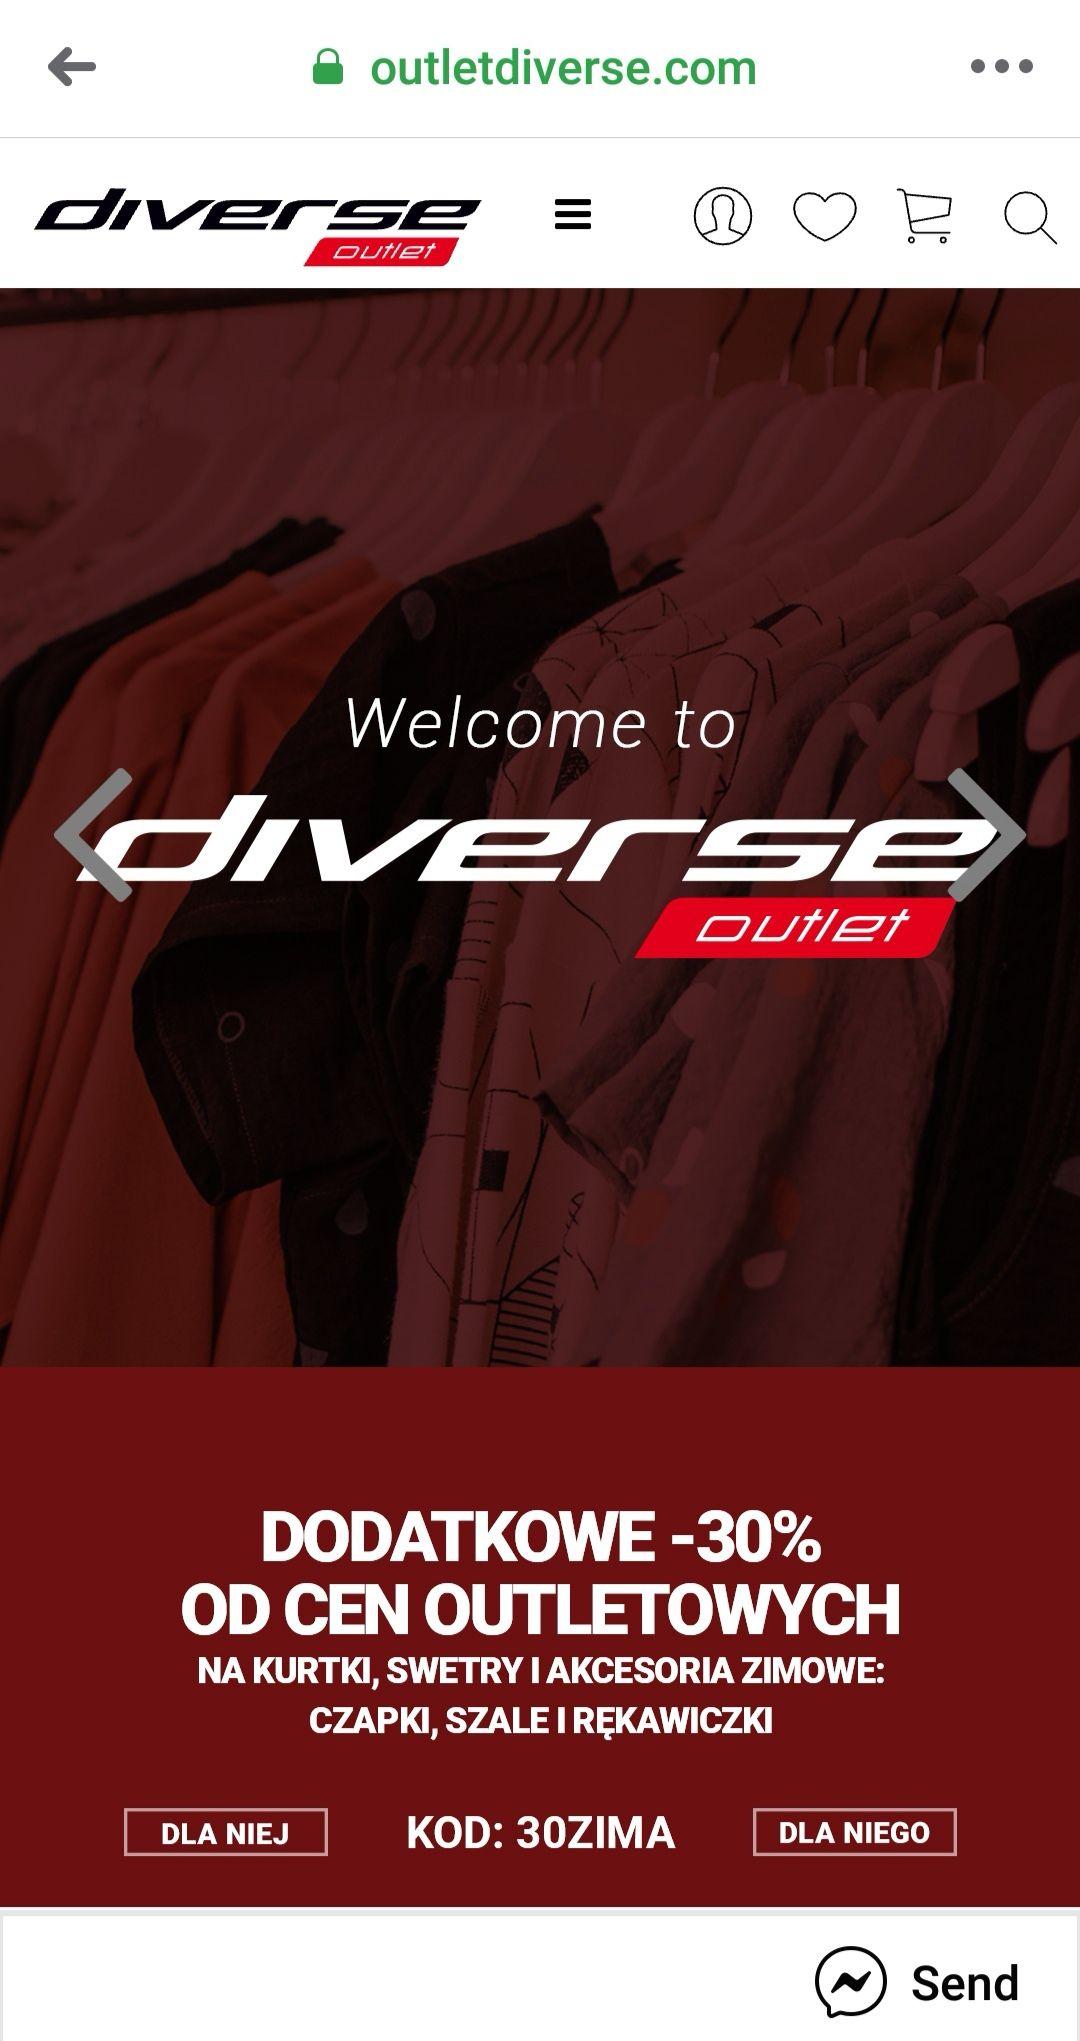 Diverse dodatkowe -30% od ceny outletowej